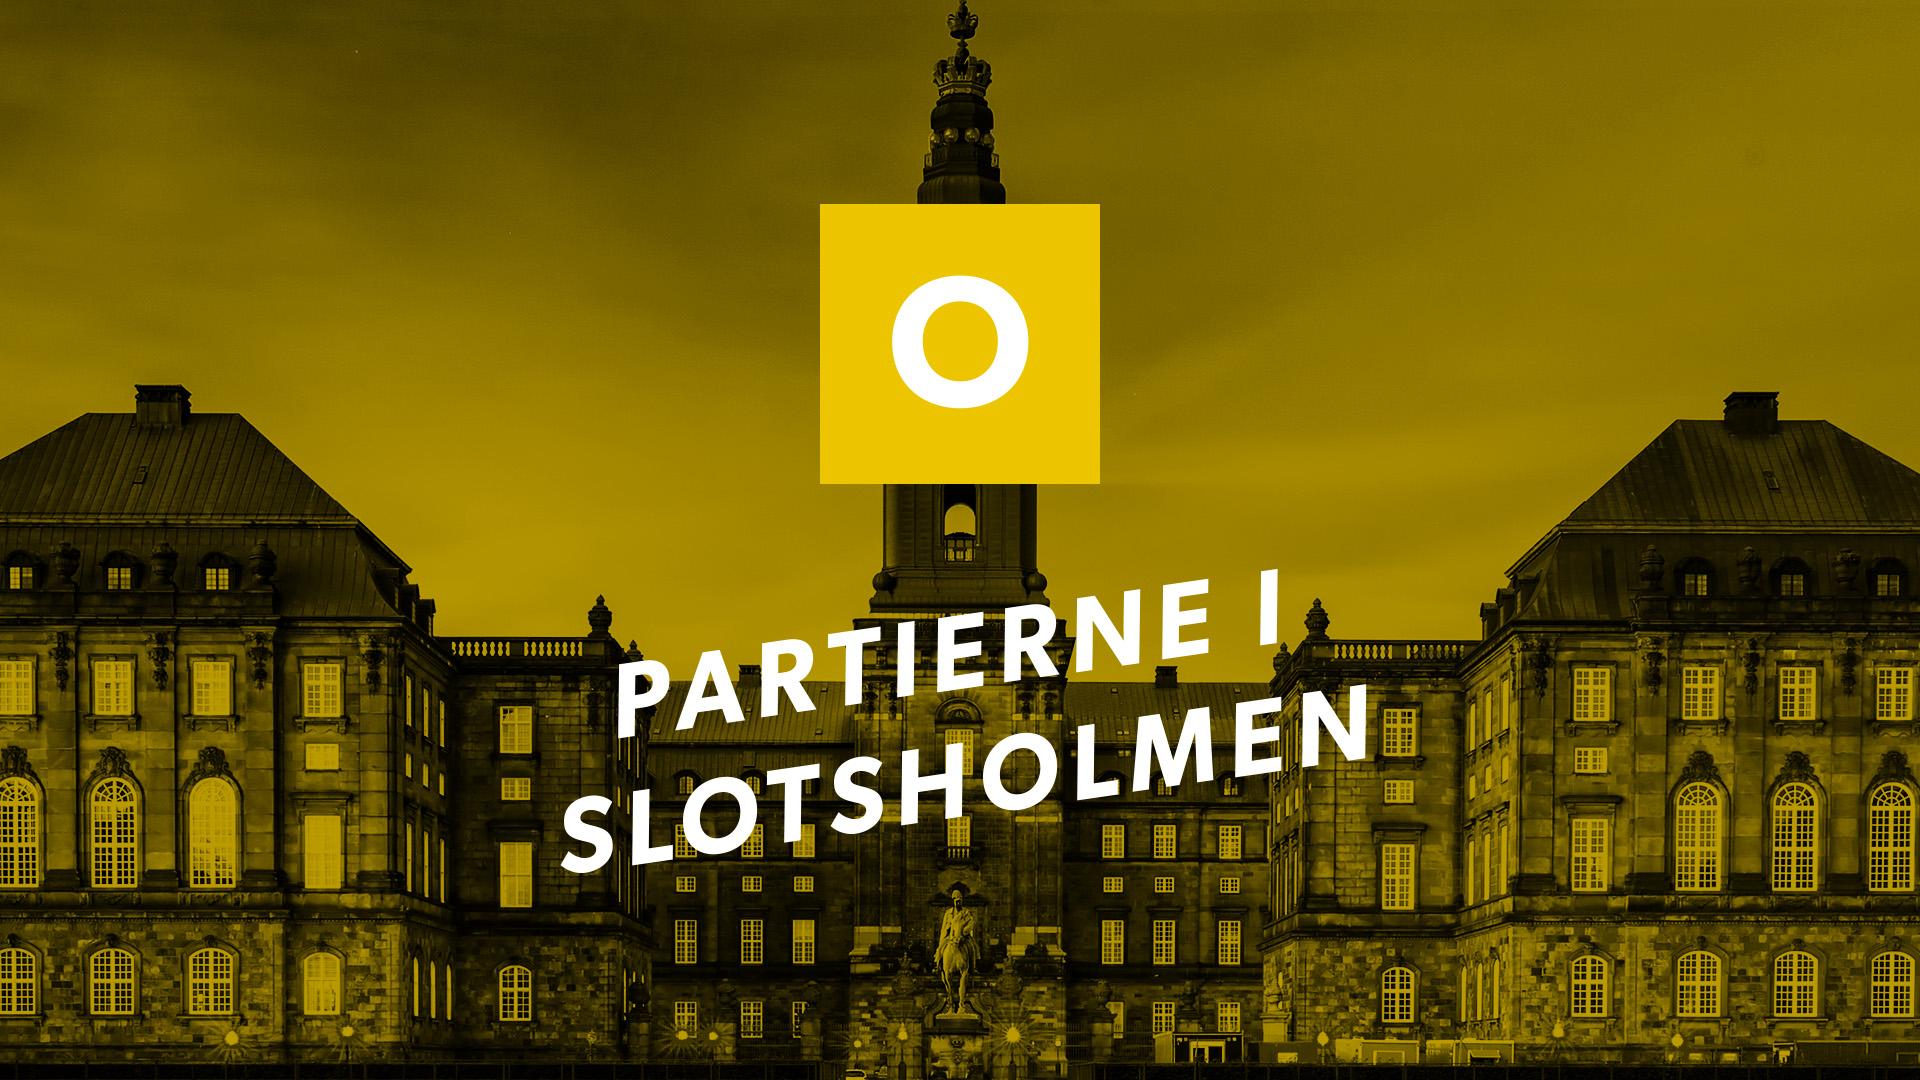 Partierne i Slotsholmen: Dansk Folkeparti